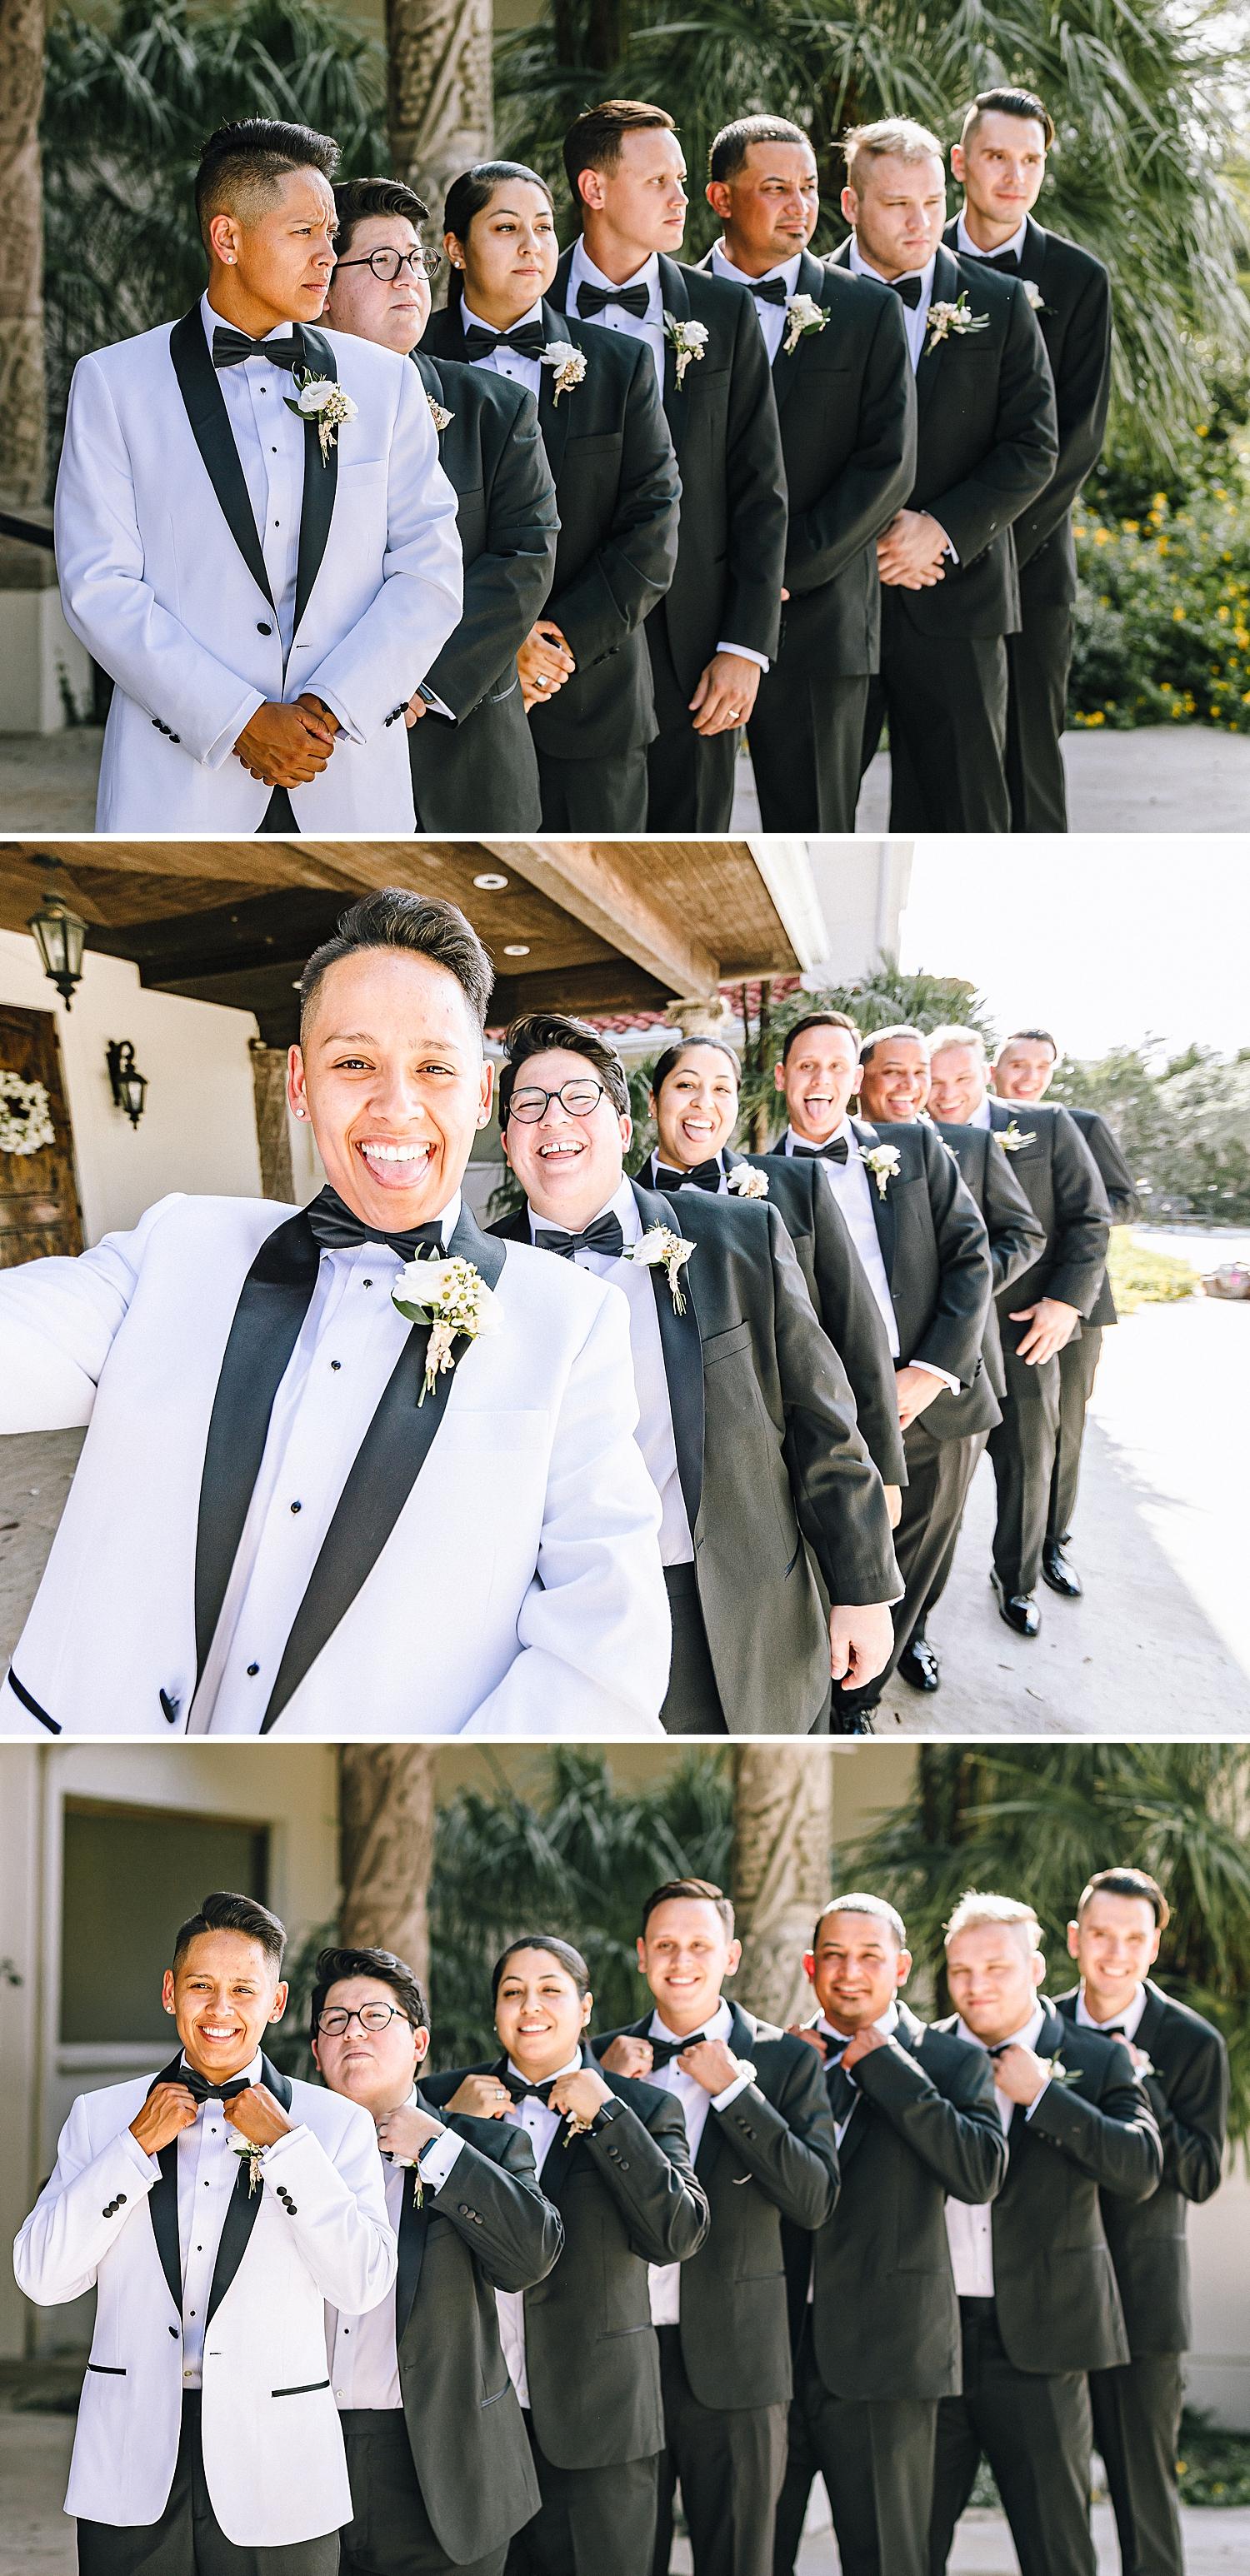 Carly-Barton-Photography-The-Villa-at-Cielo-Vista-Blush-Gold-White-Wedding-Photos_0134.jpg